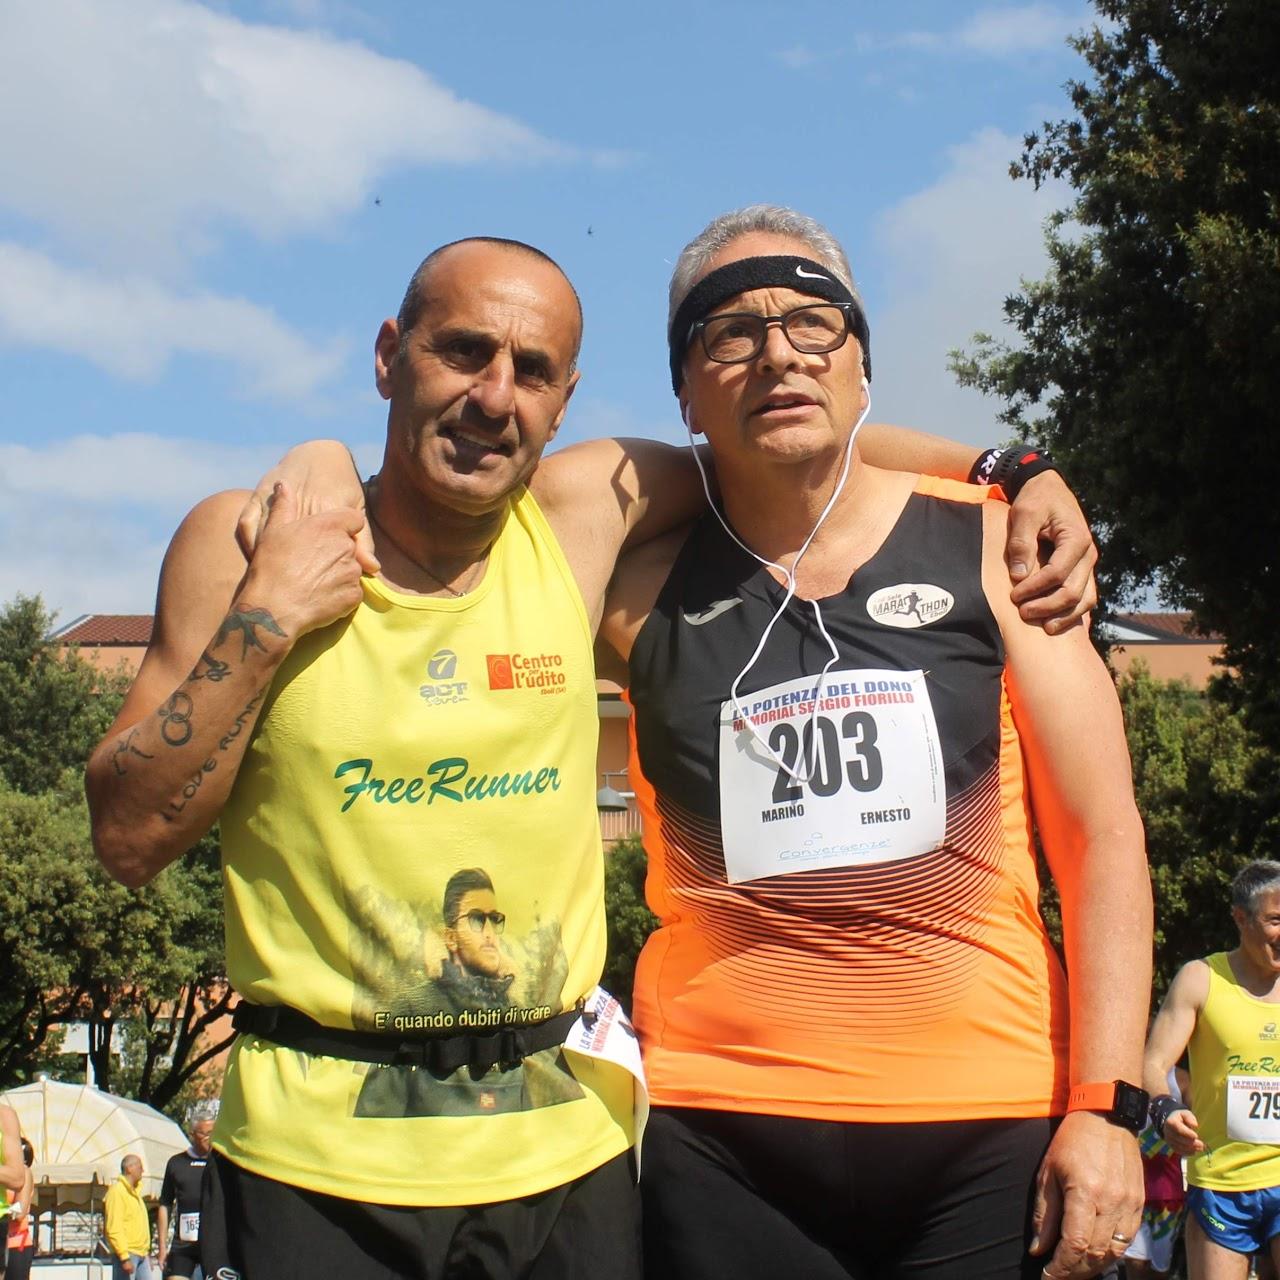 Sele Marathon Sergio Fiorillo